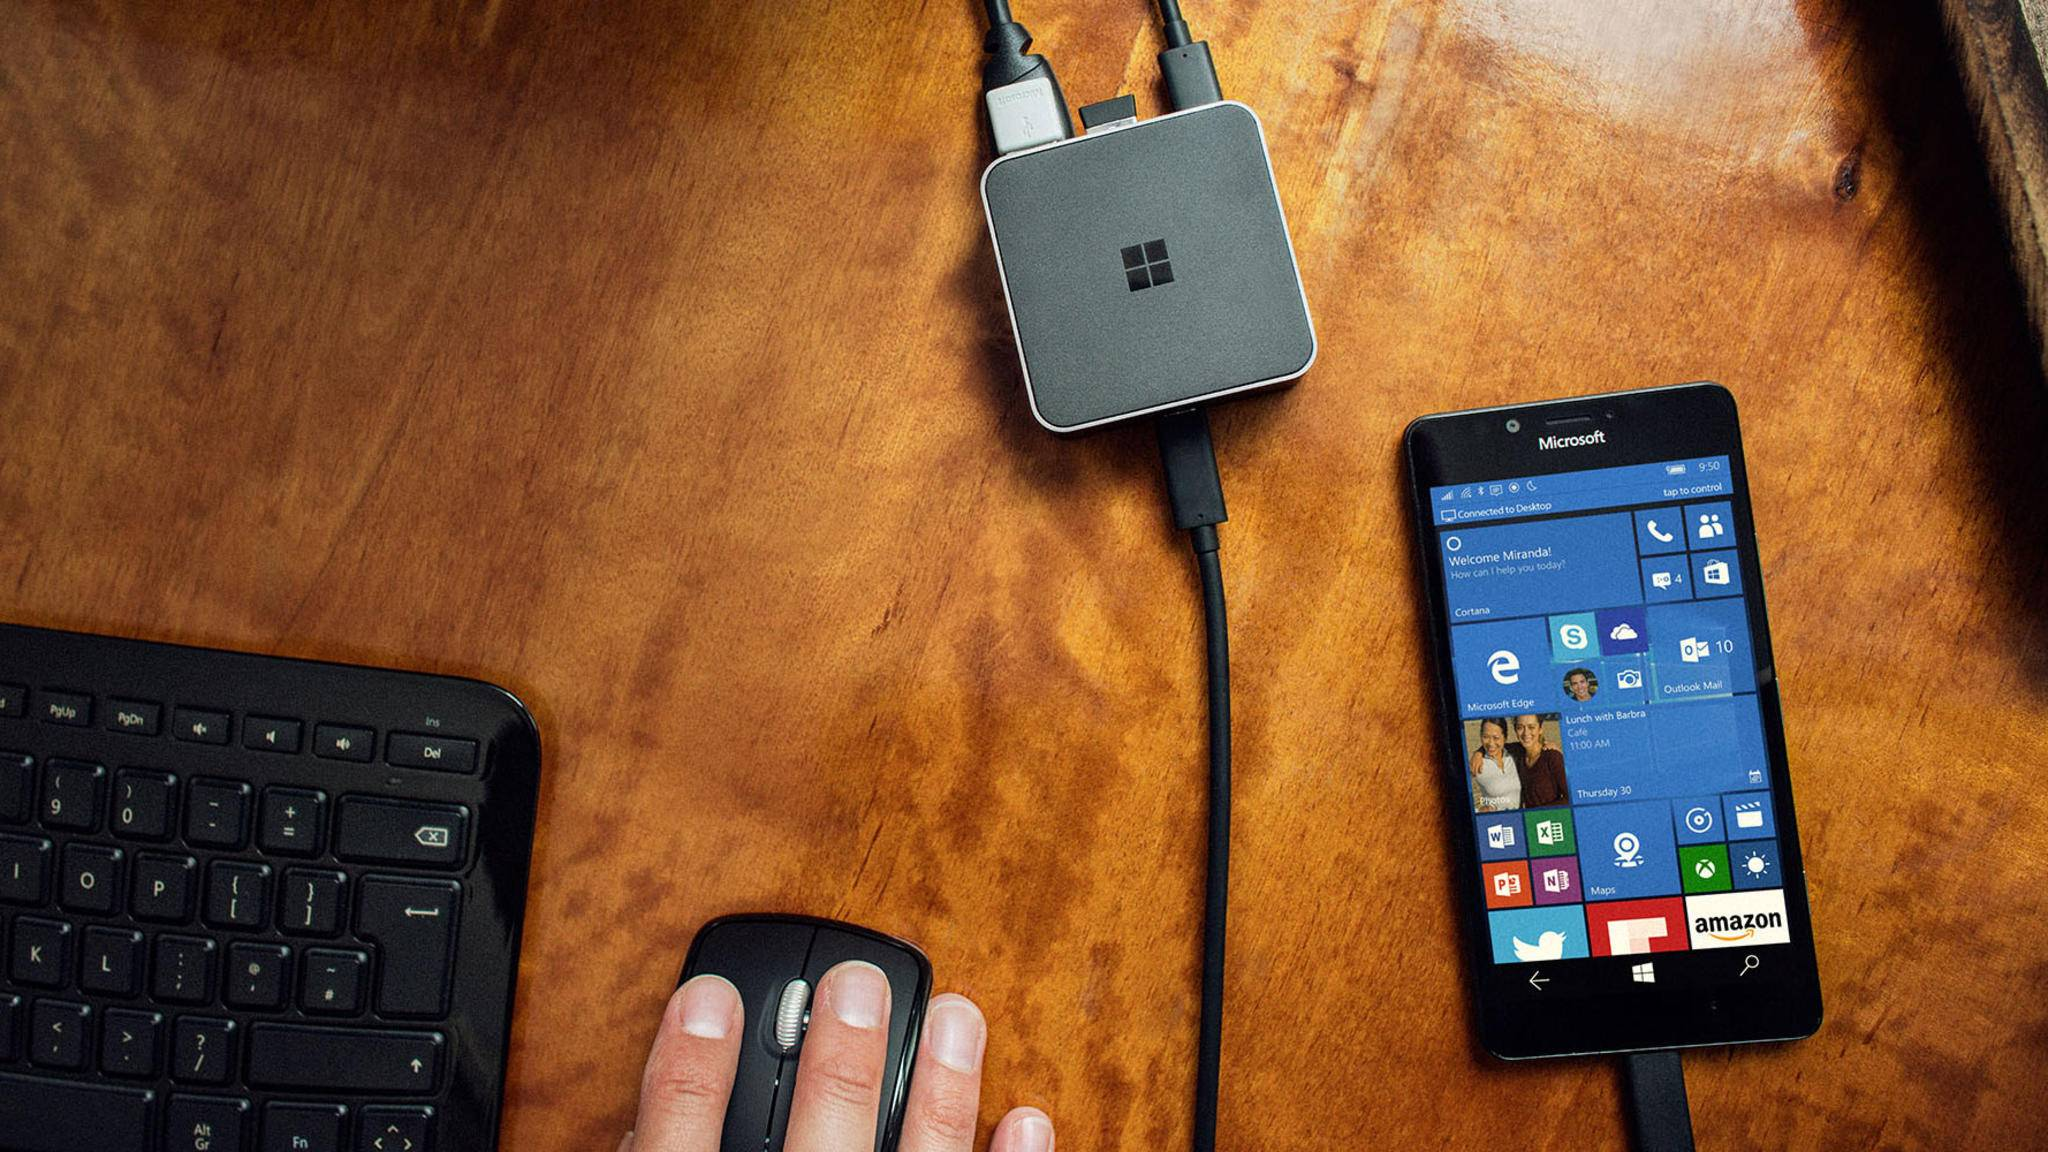 Facebook beendet Support seiner Apps für Windows 10 Mobile